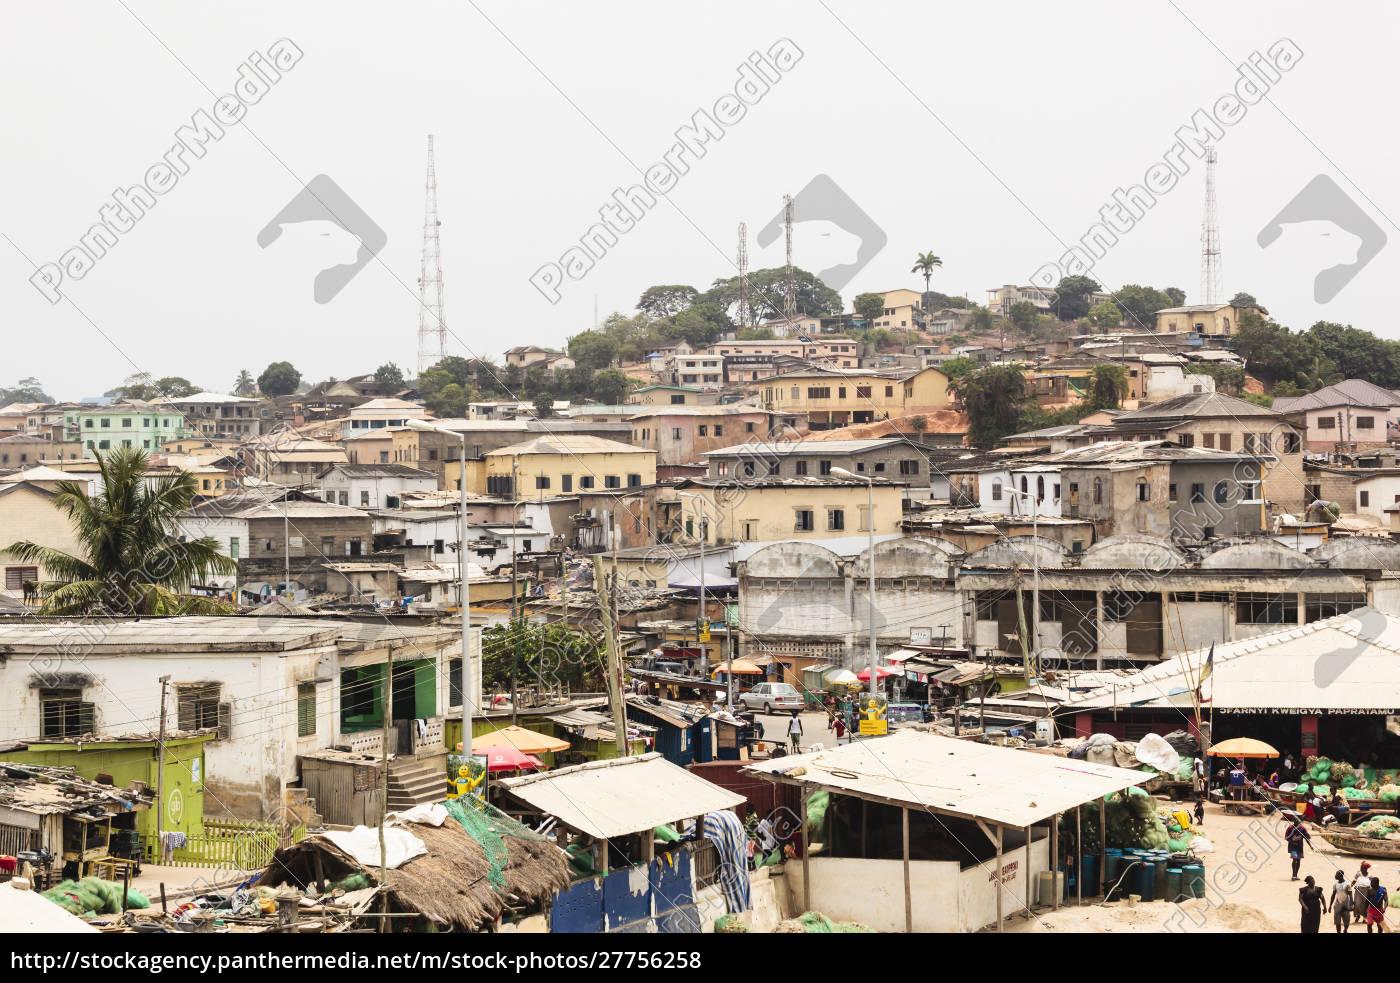 afrika, westafrika, ghana, kapküste, elmina., blick, auf, geschäfte, und, häuser - 27756258